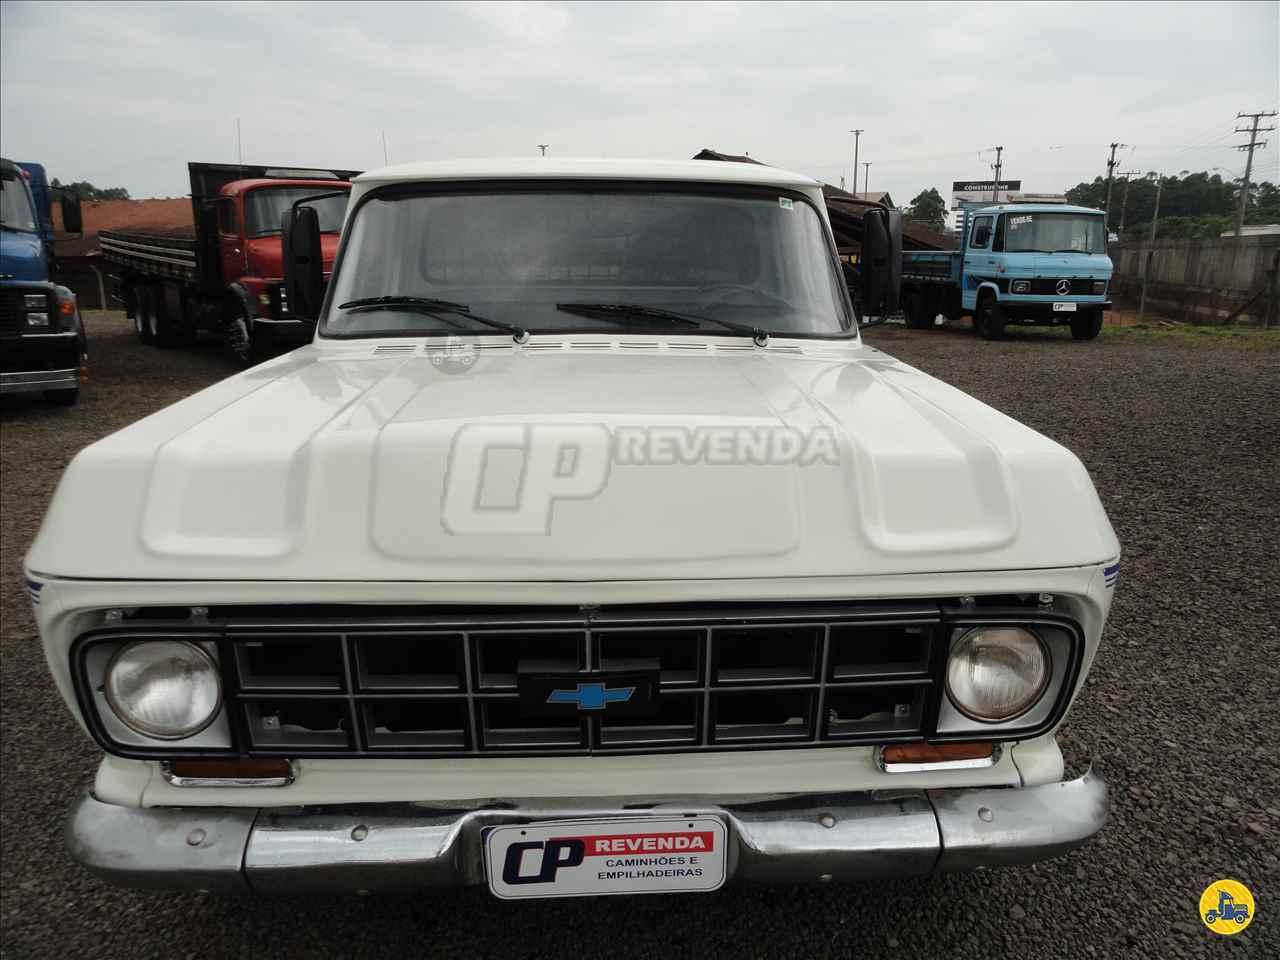 GM - Chevrolet D10 CS 000000000k 1981/1981 CP Revenda